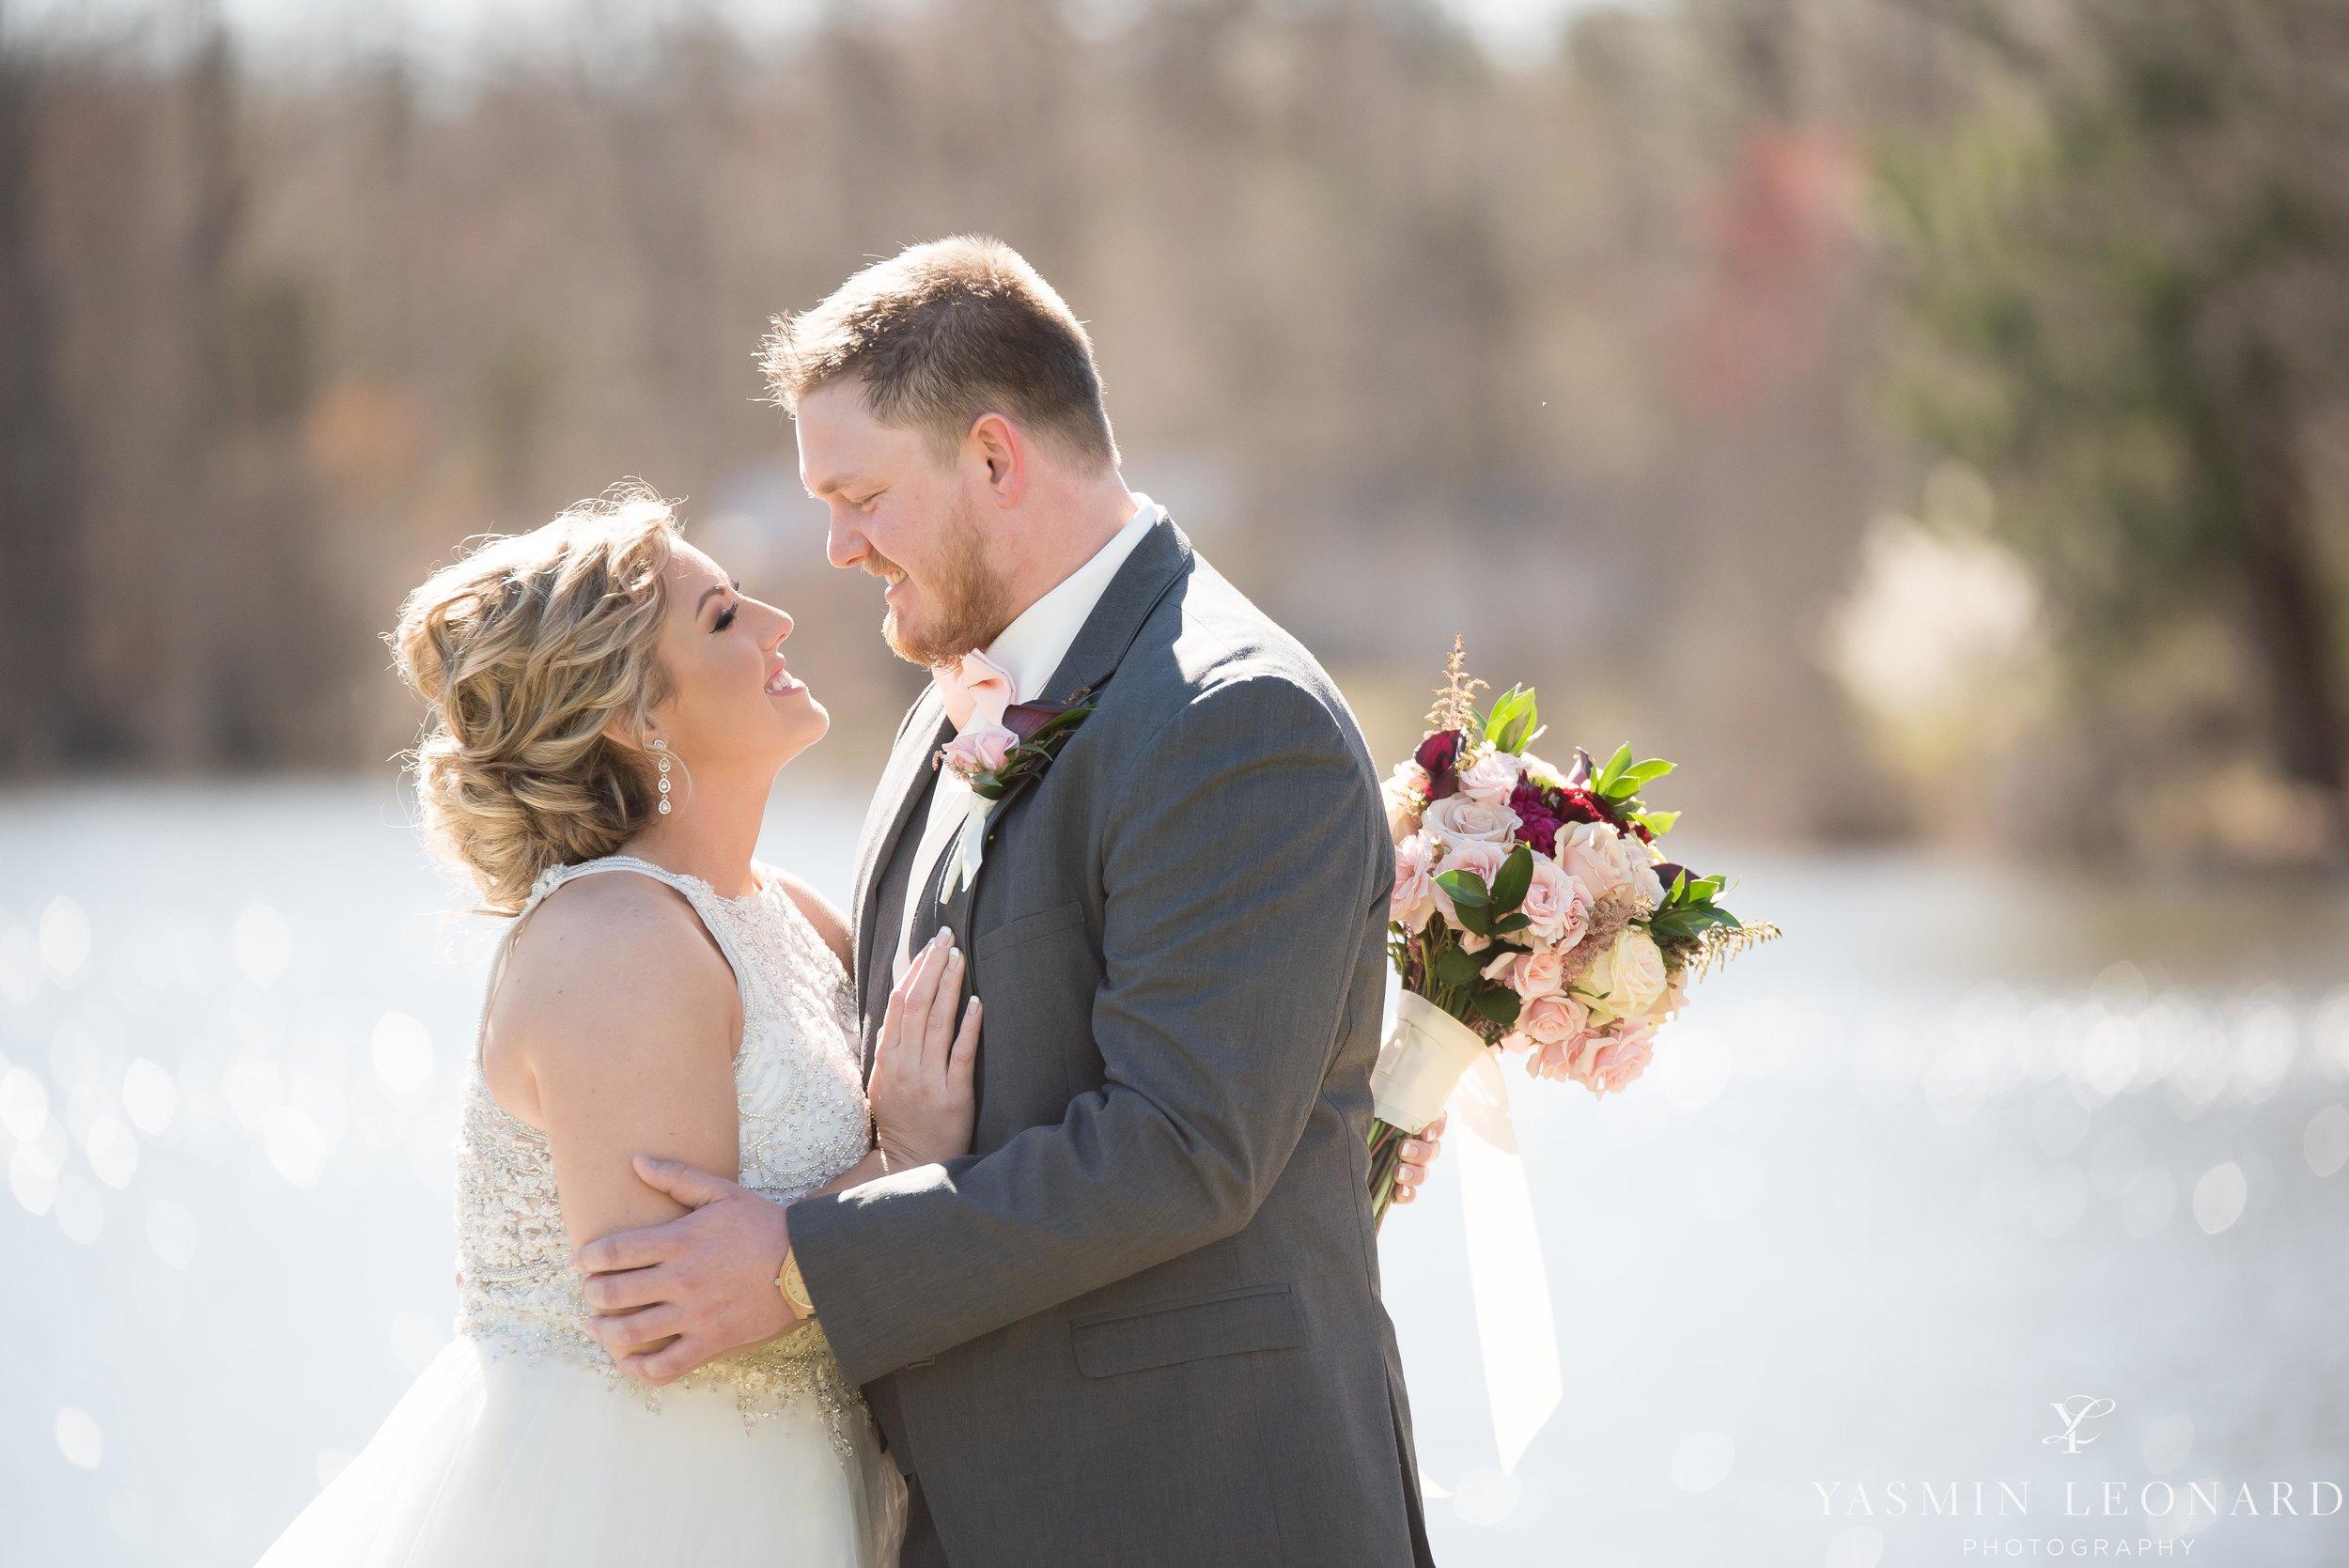 Millikan Farms - Millikan Farms Wedding - Sophia NC Wedding - NC Wedding - NC Wedding Photographer - Yasmin Leonard Photography - High Point Photographer - Barn Wedding - Wedding Venues in NC - Triad Wedding Photographer-29.jpg